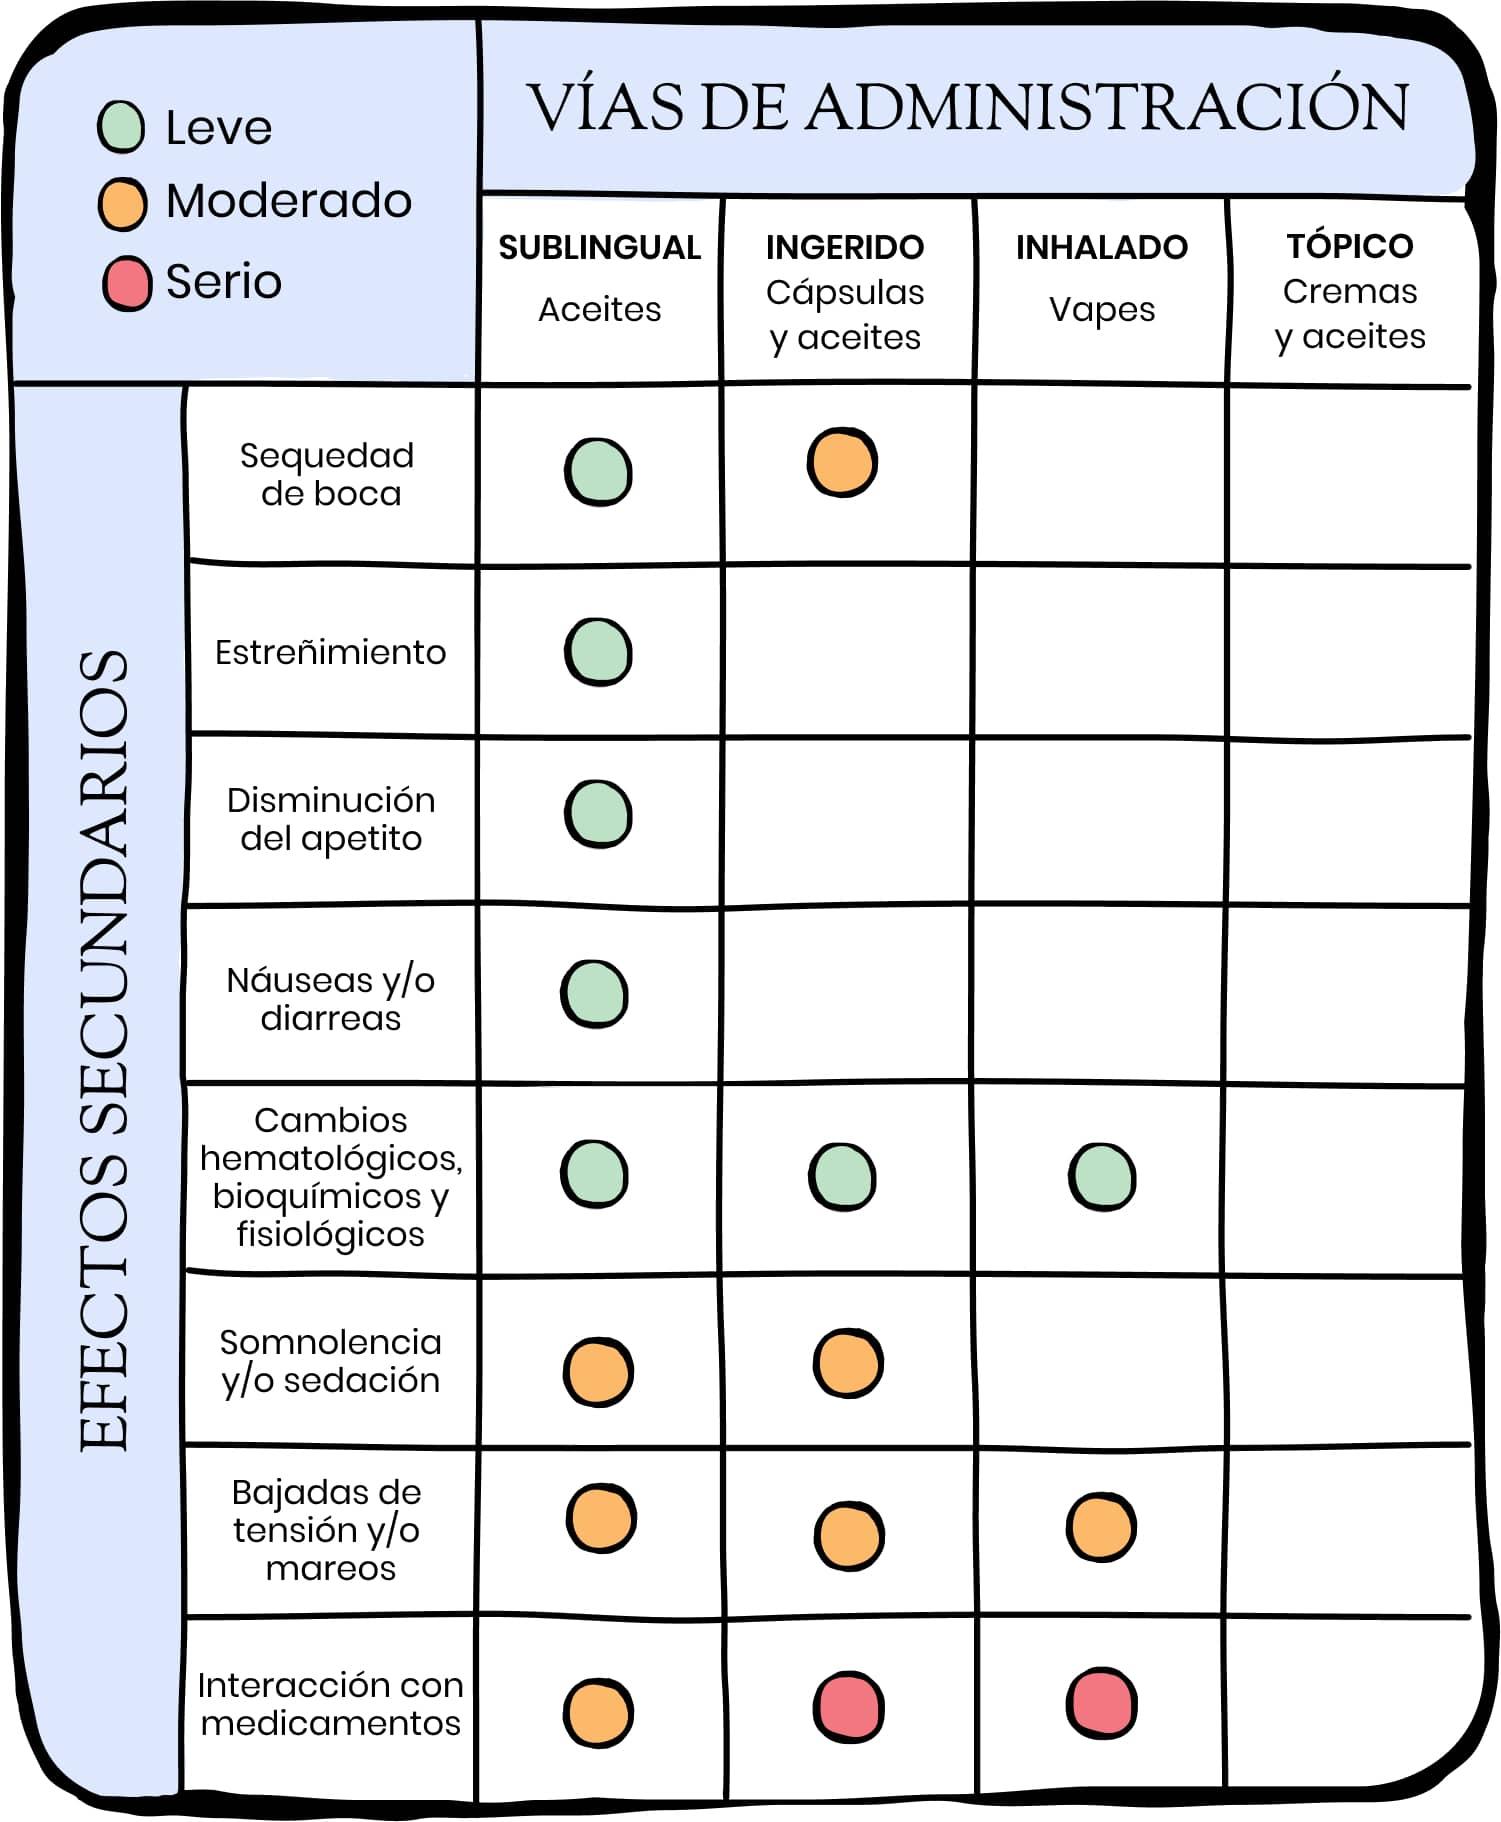 Grafica que describe los efectos adversos del CBD x via de administracion (sublingual, ingerido, inhalado, topico)